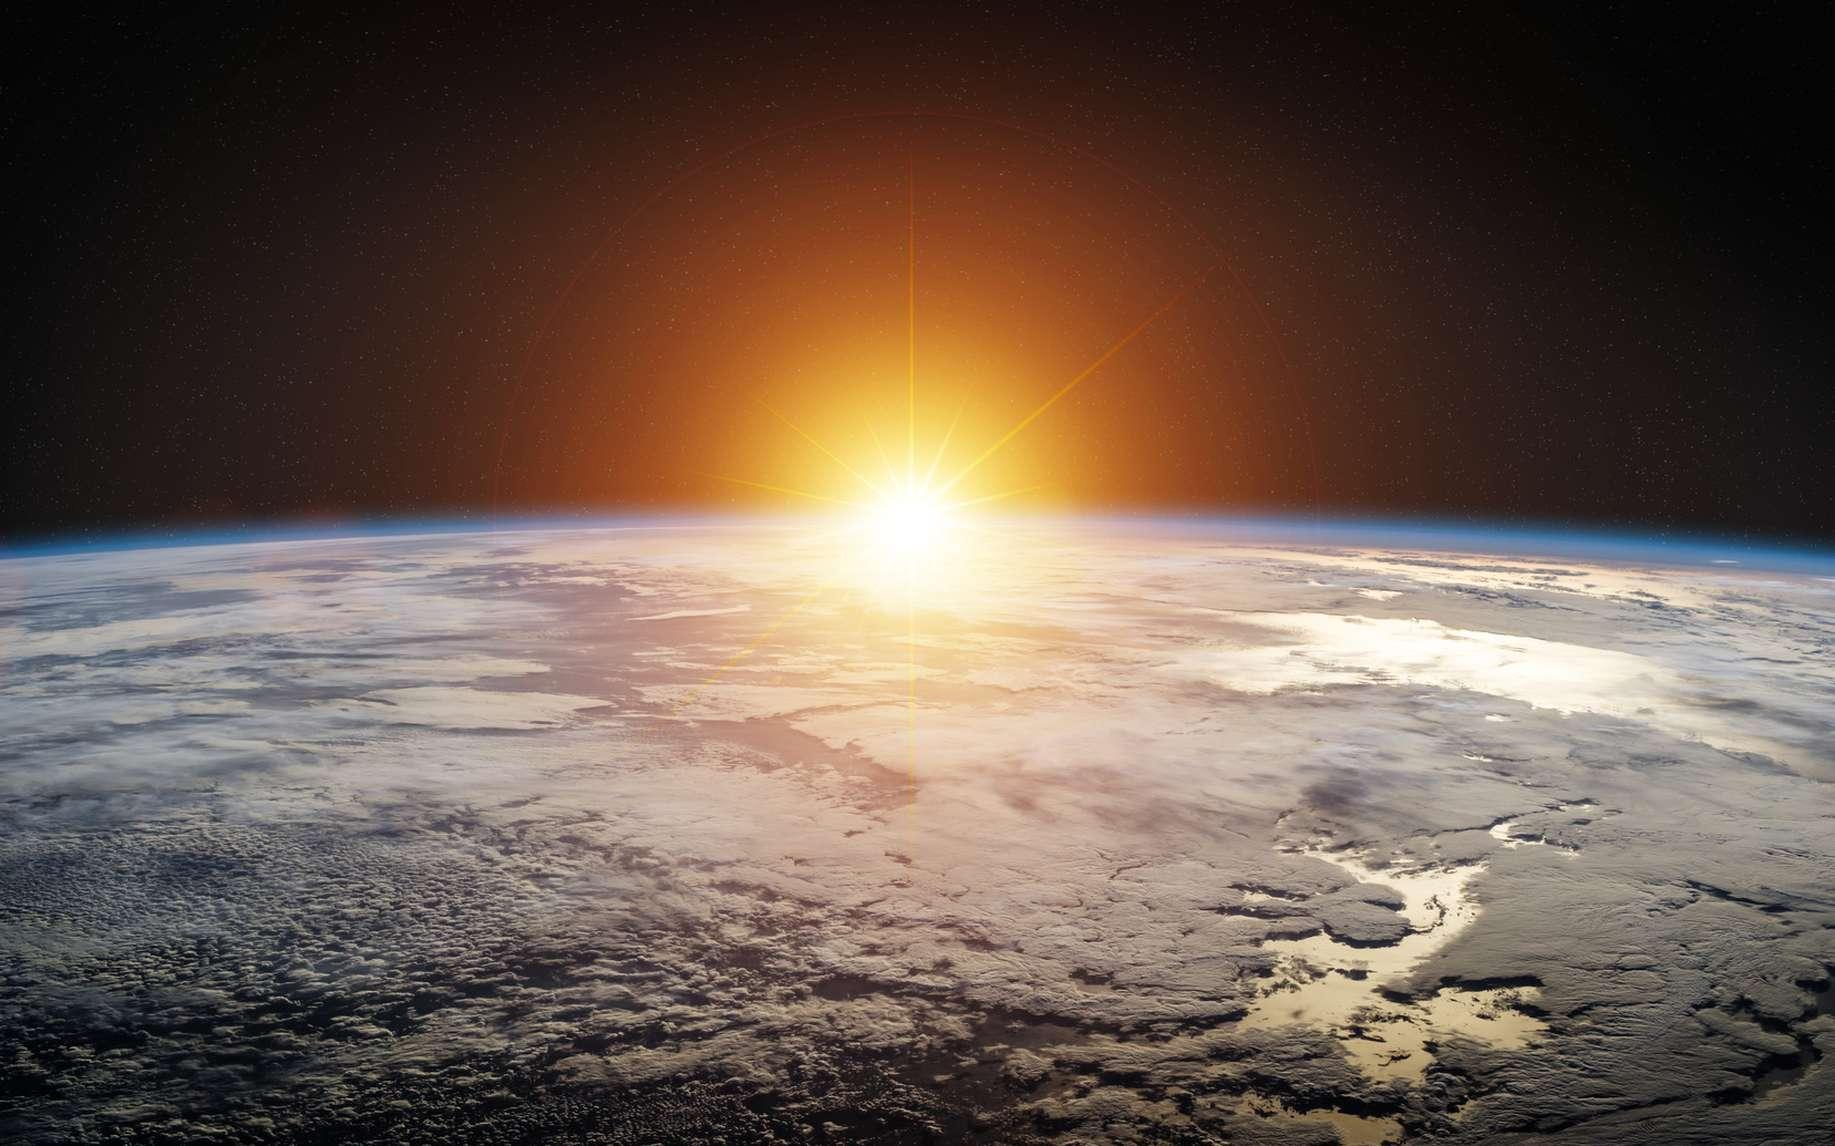 La chienne Laïka, premier être vivant dans l'espace, c'était il y a 60 ans. © sdecoret, Fotolia